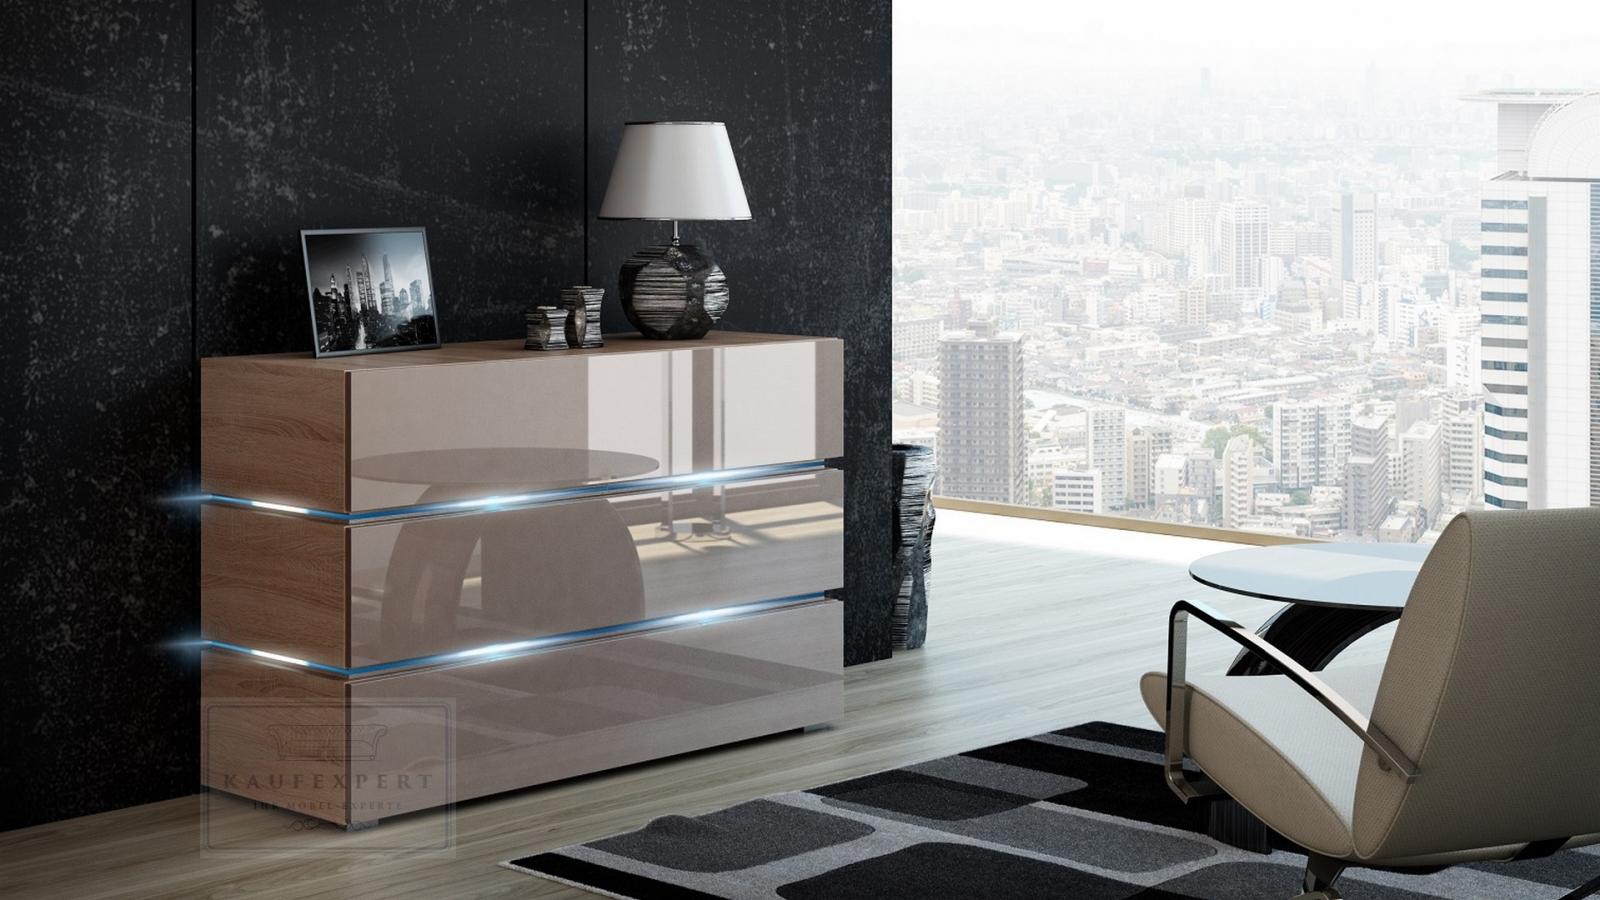 kaufexpert wohnzimmer. Black Bedroom Furniture Sets. Home Design Ideas